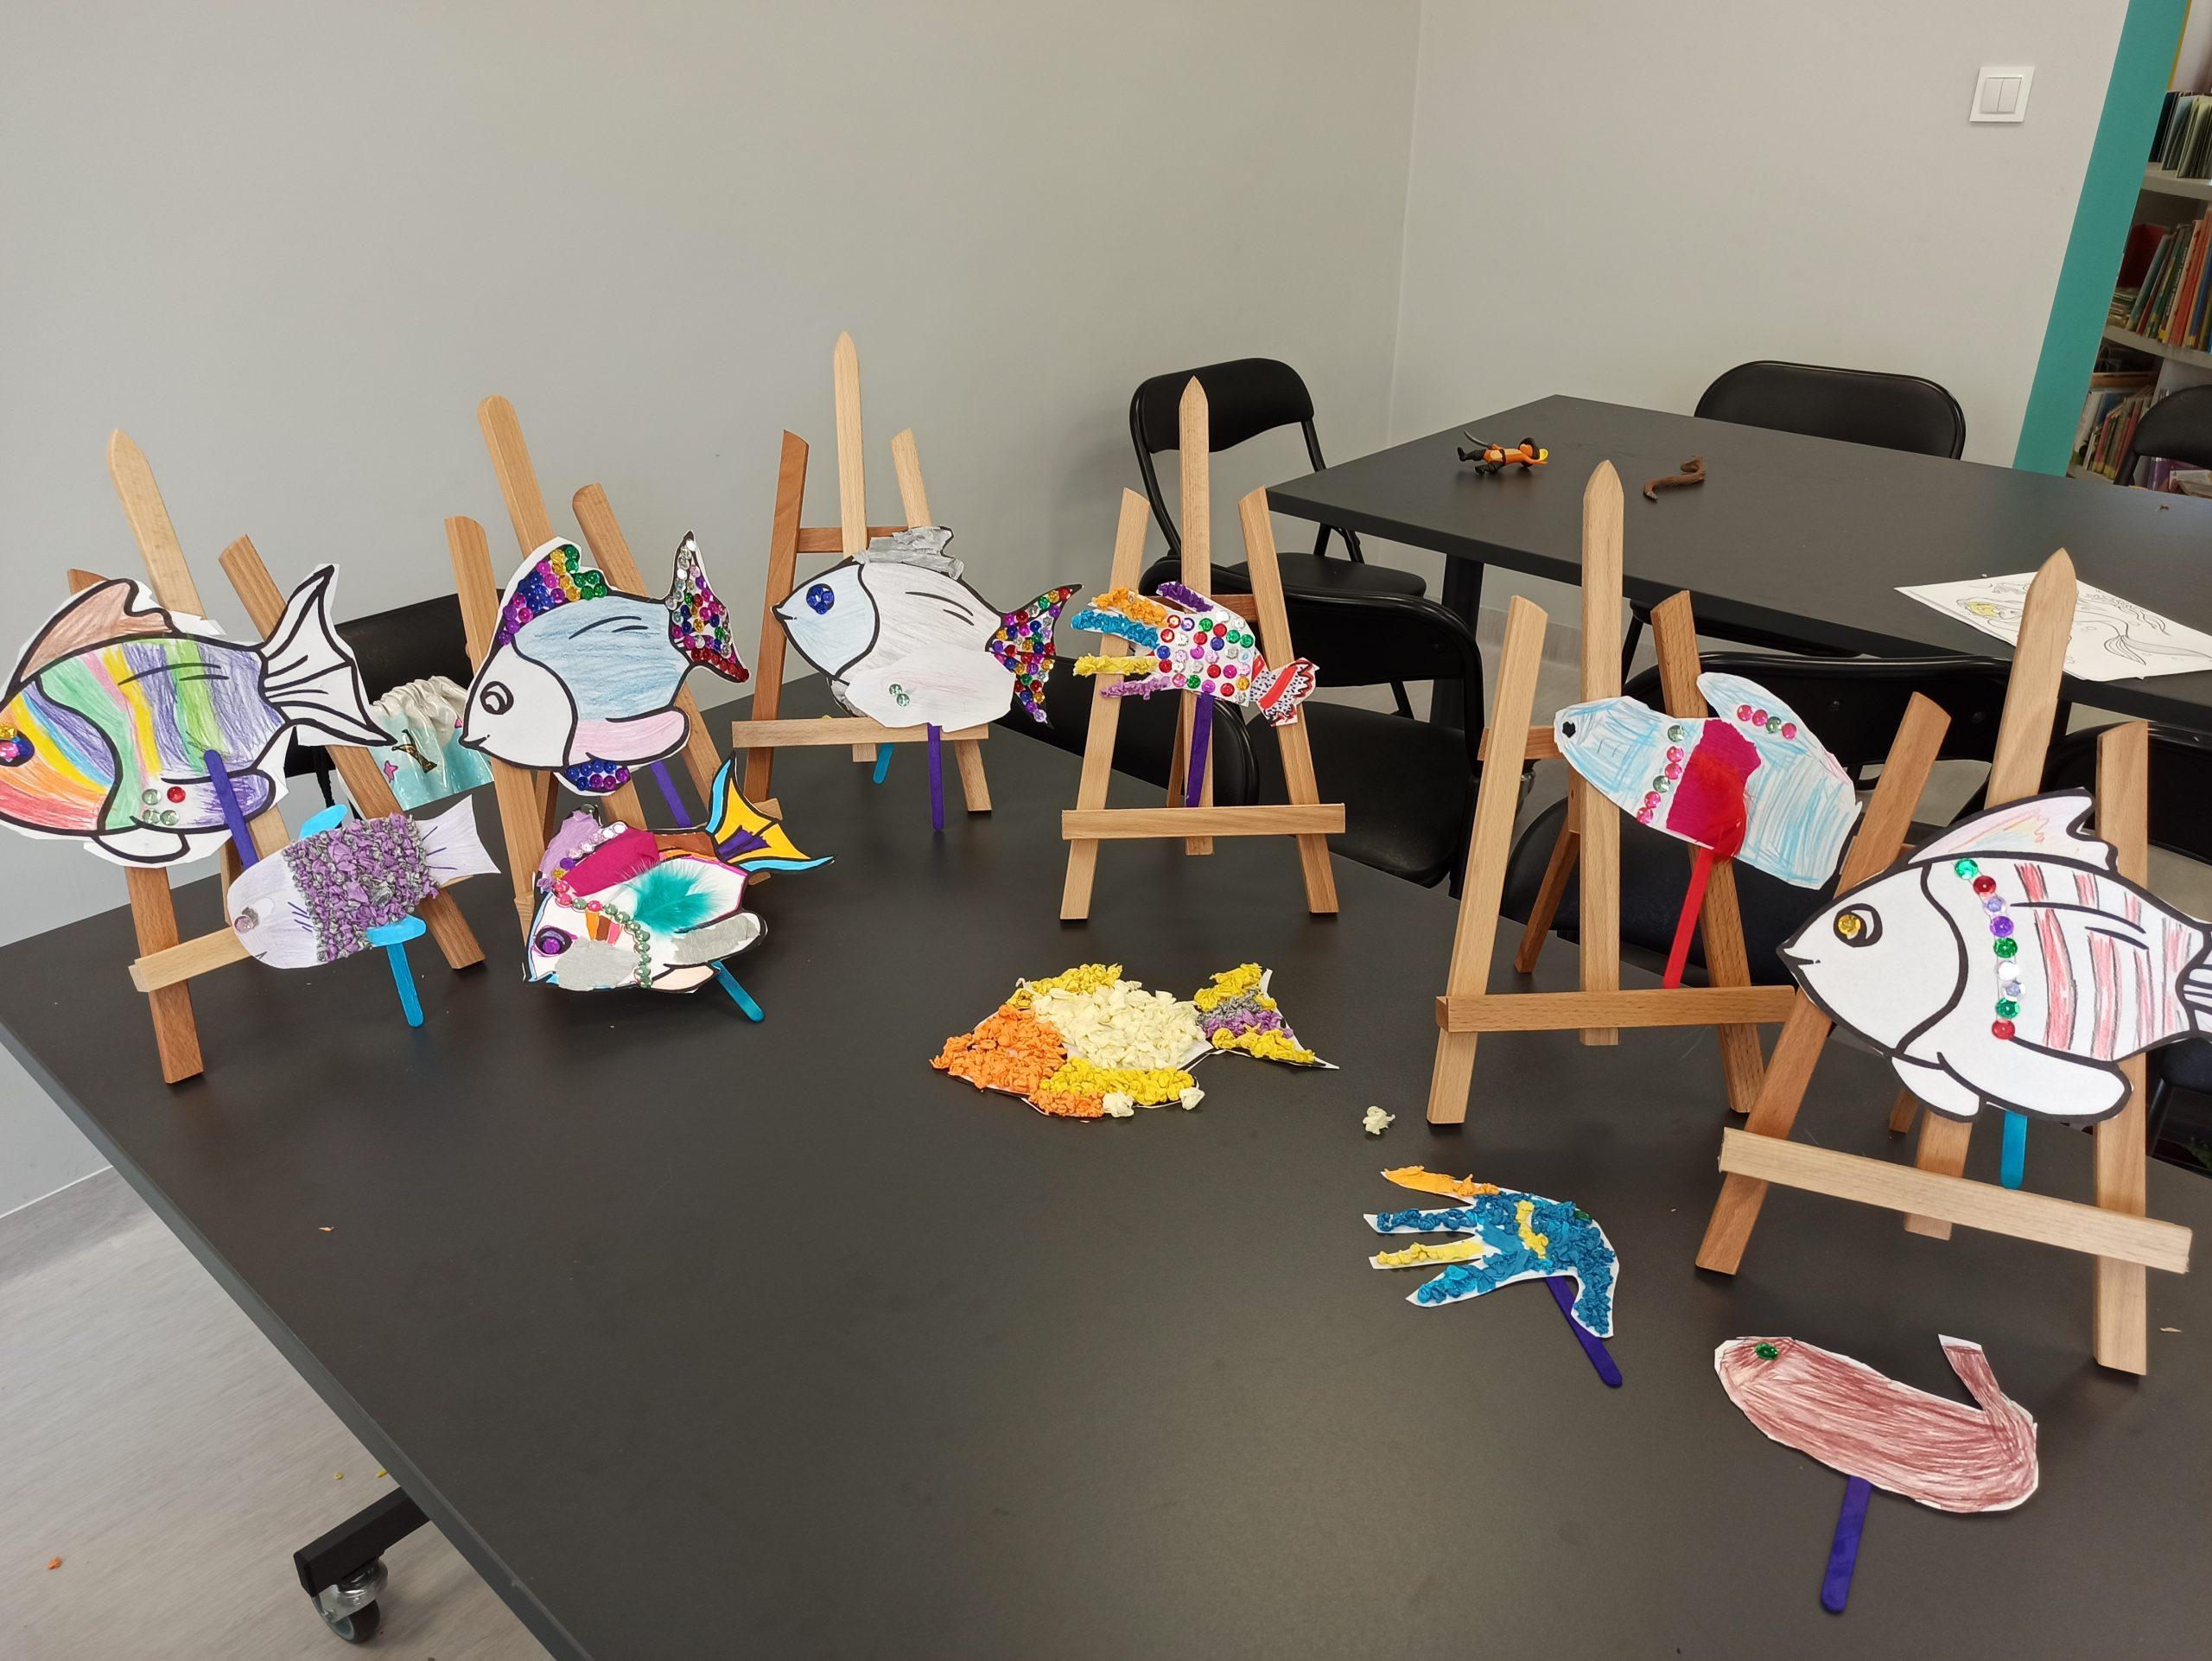 Wystawa prac dzieci zrobionych wtrakcie lipcowych zajęć wakacyjnych wOddziale dla dzieci imłodzieży.